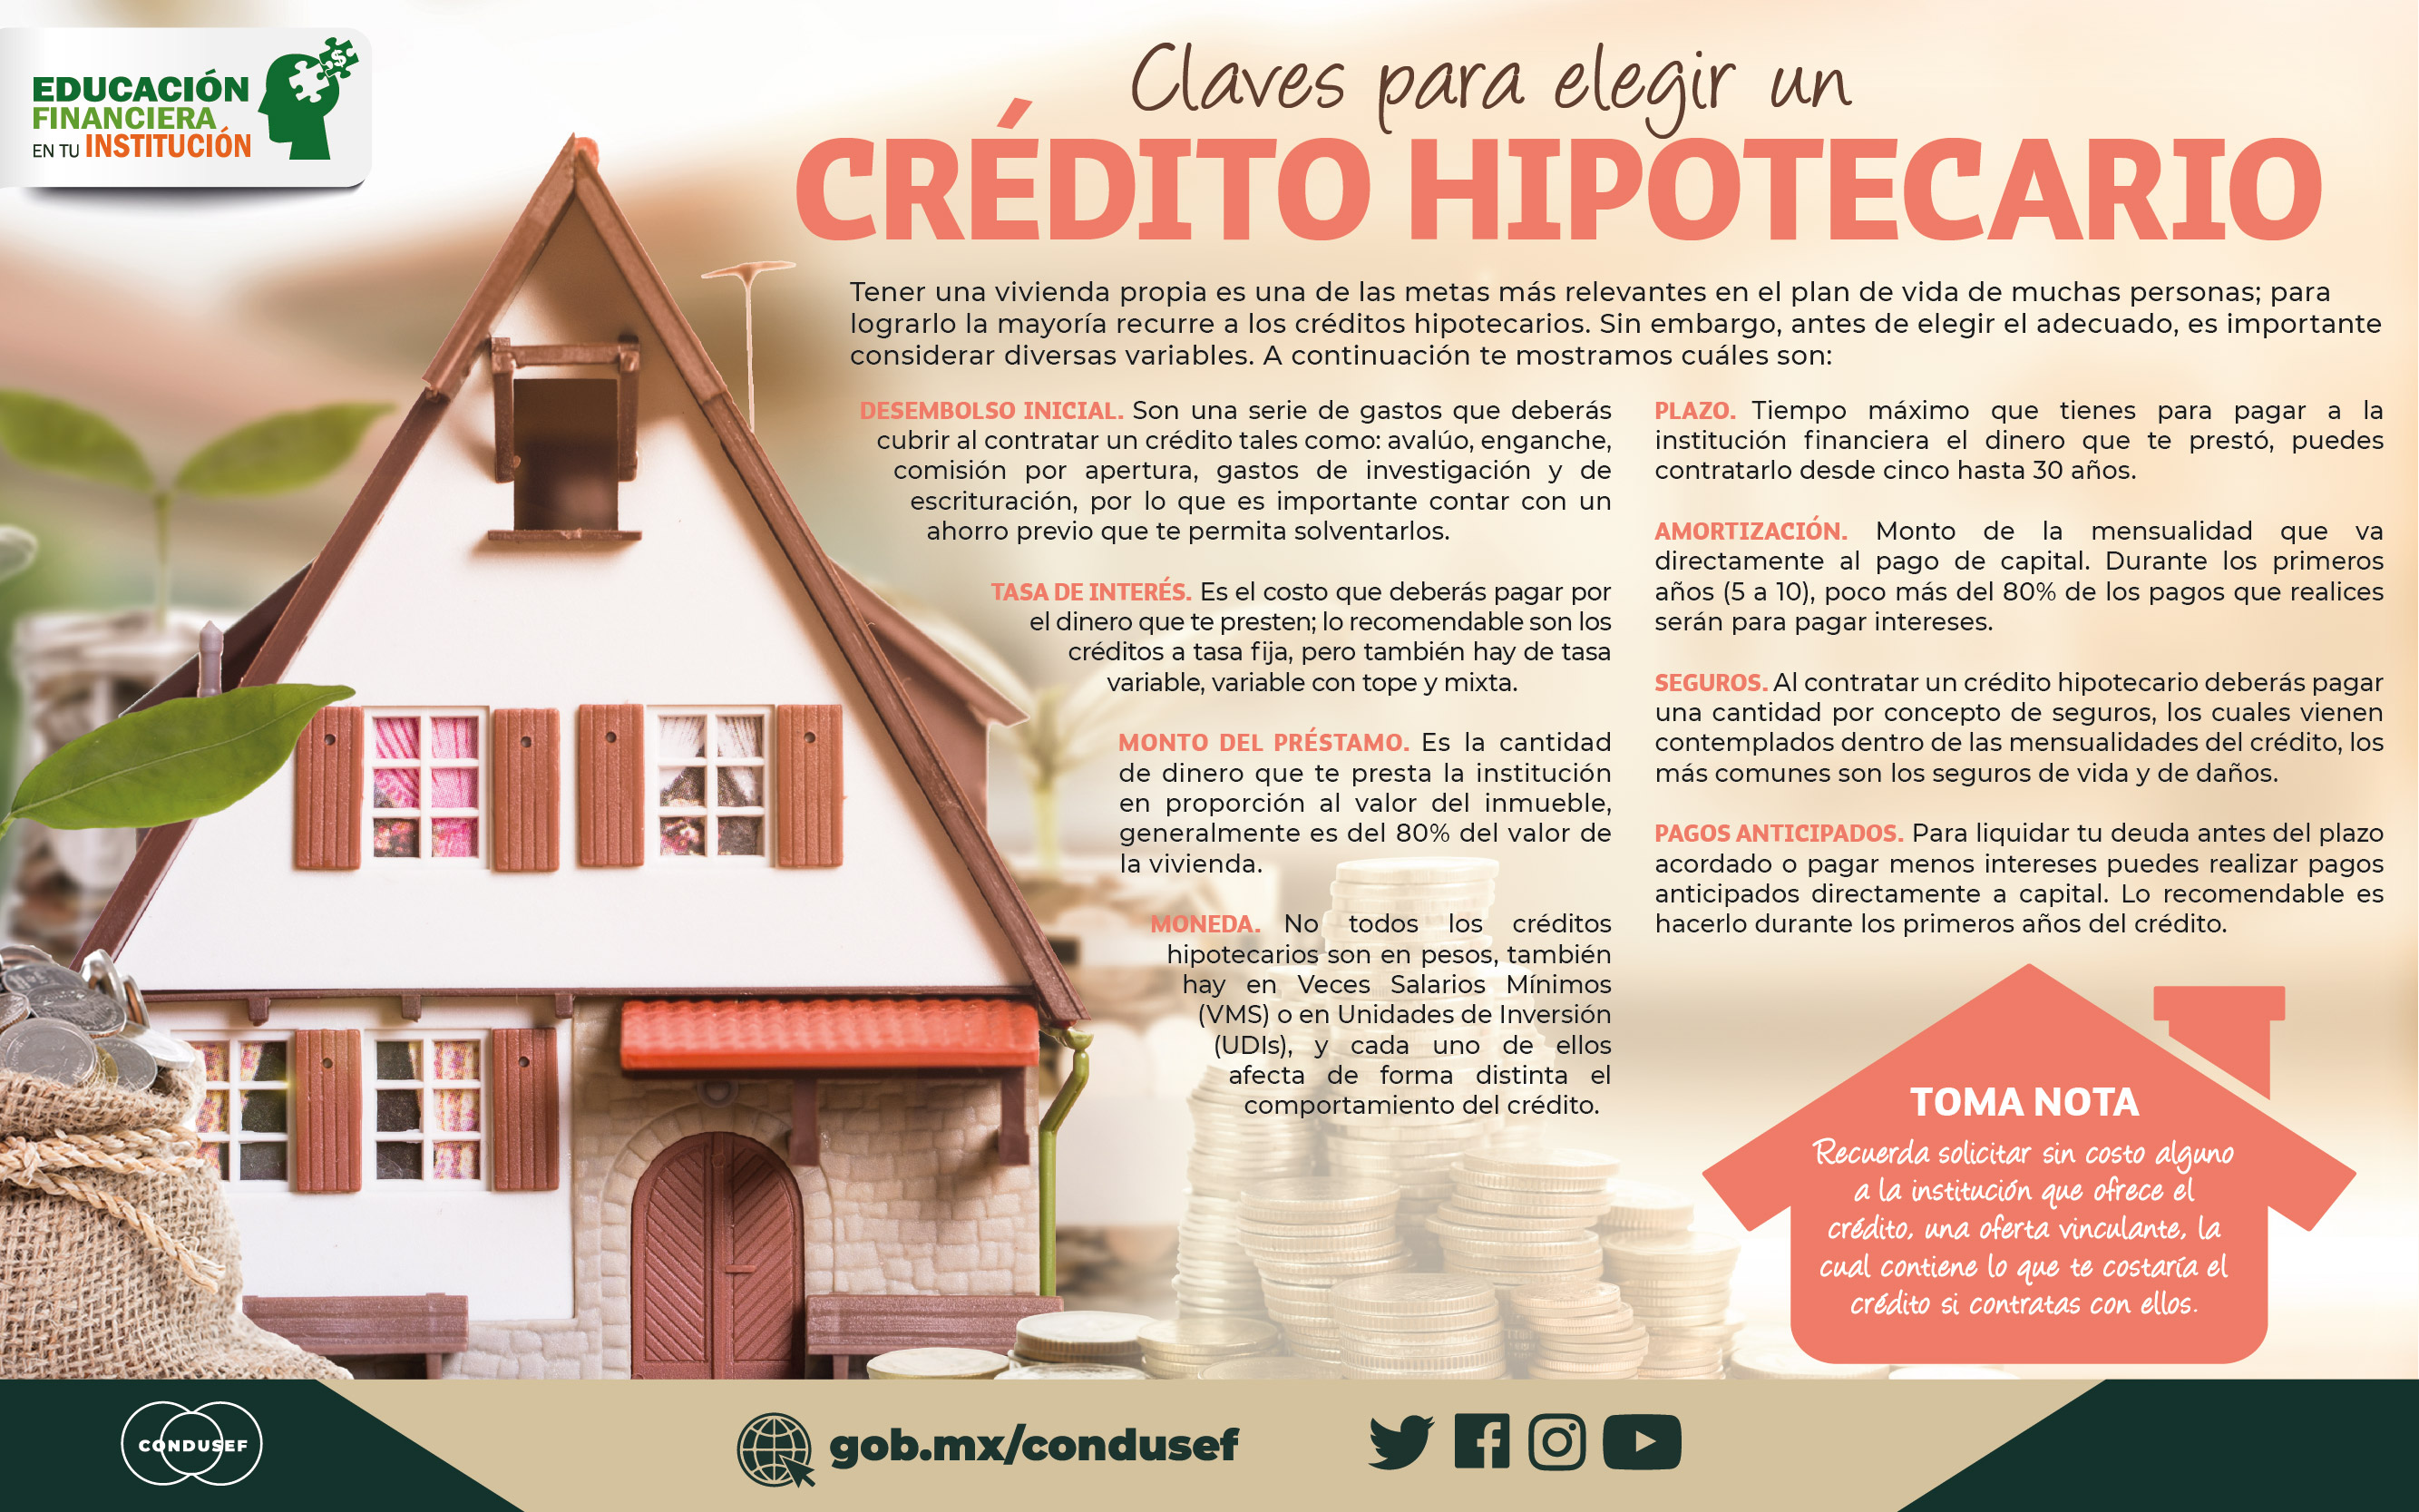 Claves para elegir un crédito hipotecario